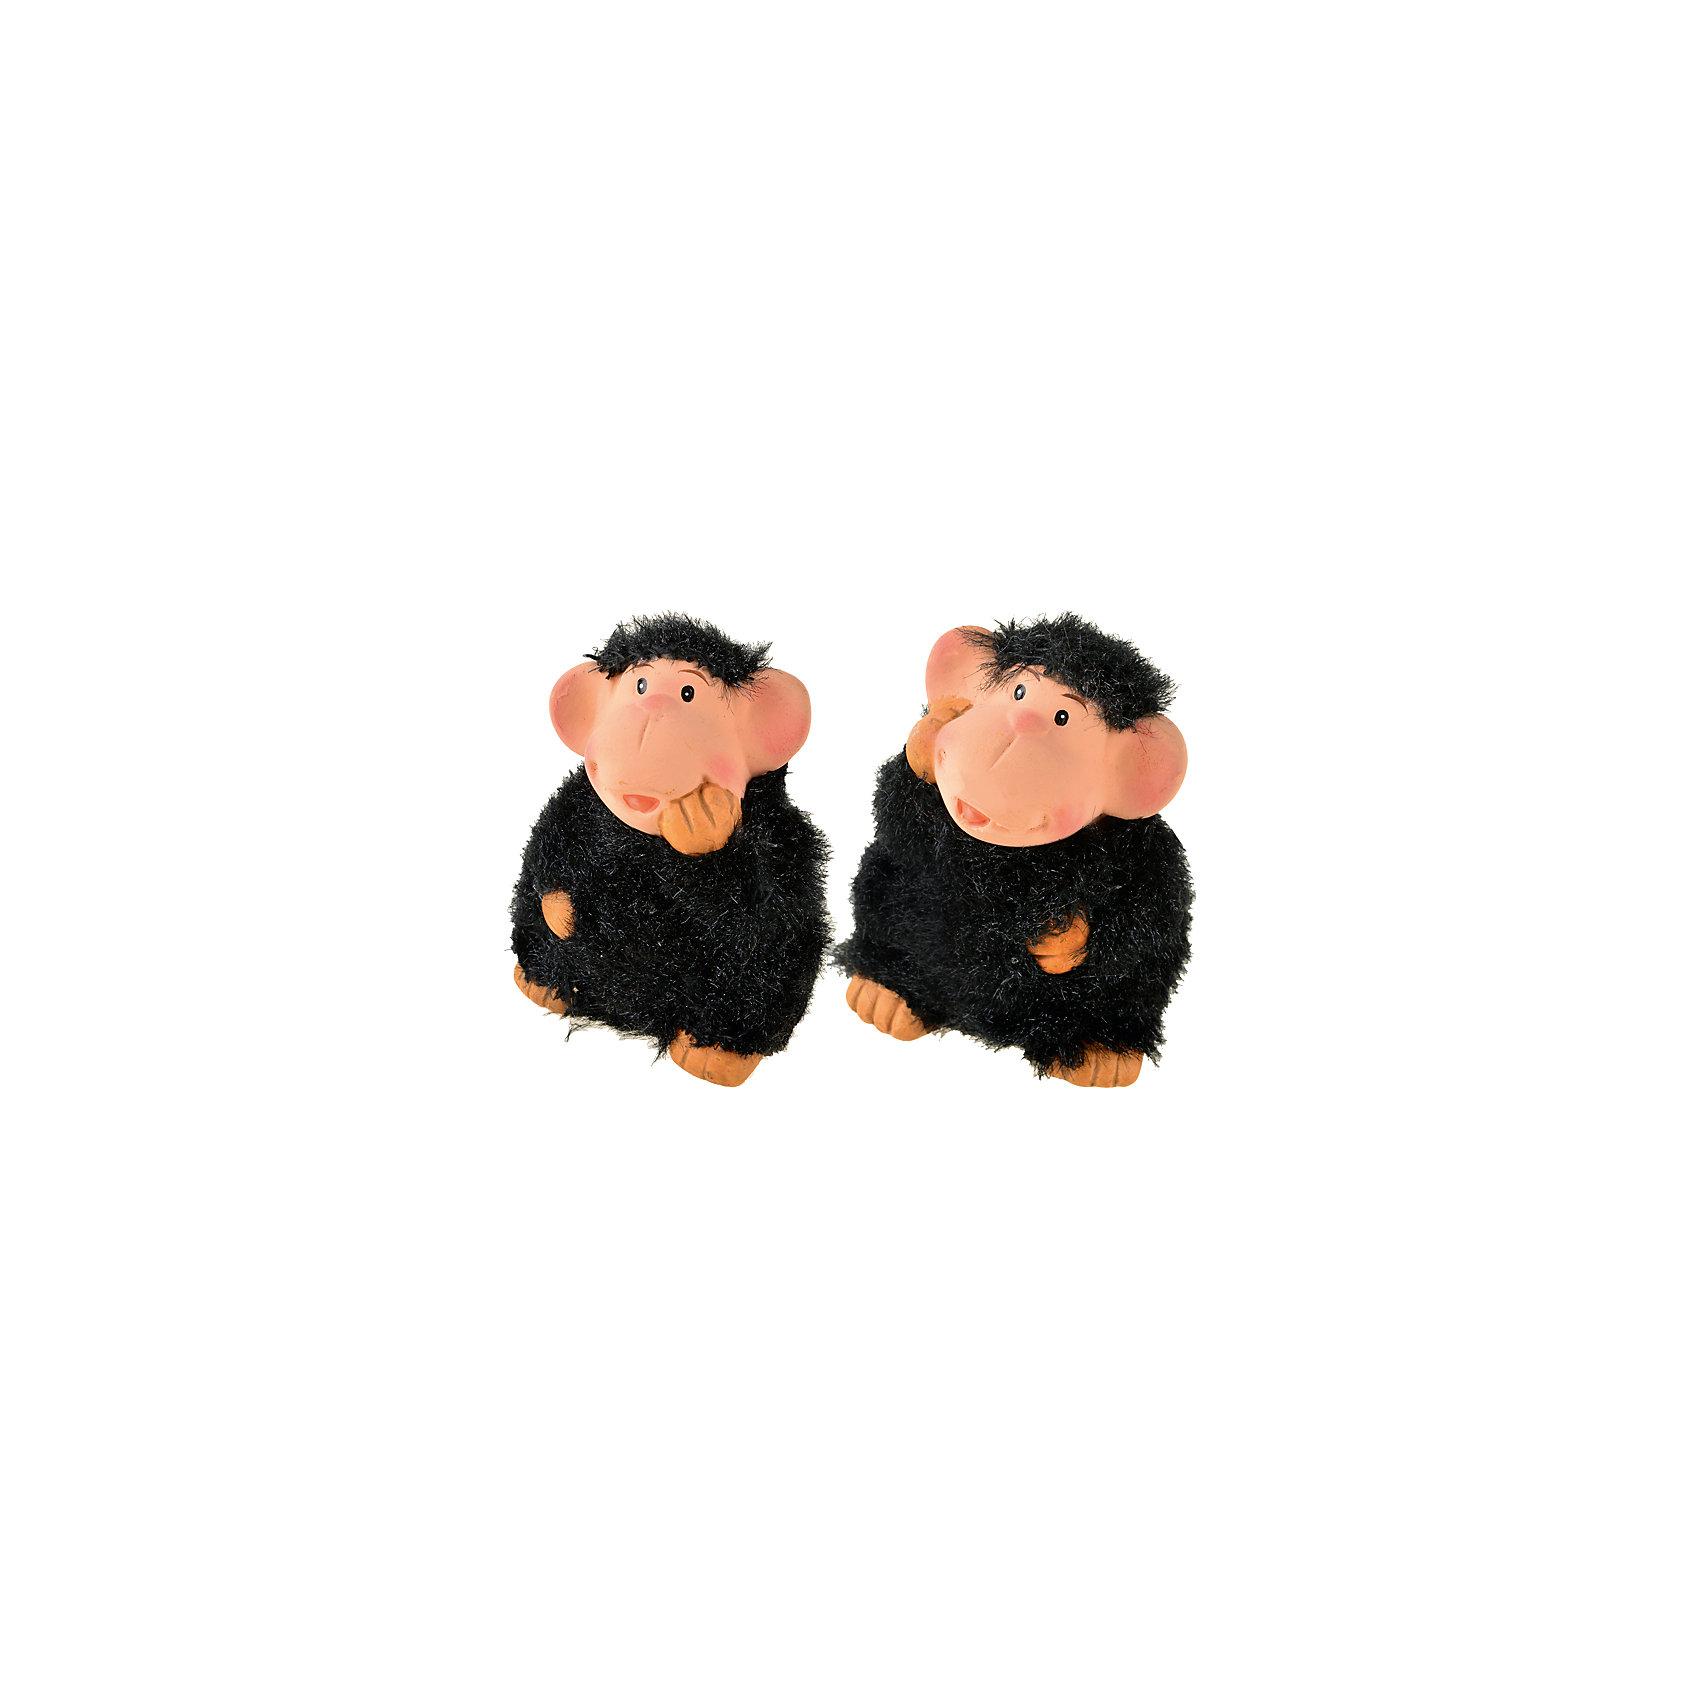 Керамическая фигурка Обезьяна 6*5 см, в ассортиментеВсё для праздника<br>Керамическая фигурка Обезьяна 6*5 см, в ассортименте – эта забавная фигурка принесет радость и удачу и поднимет настроение.<br>Керамическая фигурка Обезьяна - прекрасный вариант для праздничного сувенира. Очаровательная пушистая обезьянка, символ 2016 года, будет актуальным подарком абсолютно для каждого!<br><br>Дополнительная информация:<br><br>- В ассортименте: 2 вида<br>- Размер: 6х5 см.<br>- Материал: керамика, искусственный мех<br>- ВНИМАНИЕ! Данный артикул представлен в разных вариантах исполнения. К сожалению, заранее выбрать определенный вариант невозможно. При заказе нескольких фигурок возможно получение одинаковых<br><br>Керамическую фигурку Обезьяна 6*5 см, в ассортименте можно купить в нашем интернет-магазине.<br><br>Ширина мм: 60<br>Глубина мм: 50<br>Высота мм: 50<br>Вес г: 100<br>Возраст от месяцев: 36<br>Возраст до месяцев: 2147483647<br>Пол: Унисекс<br>Возраст: Детский<br>SKU: 4437434